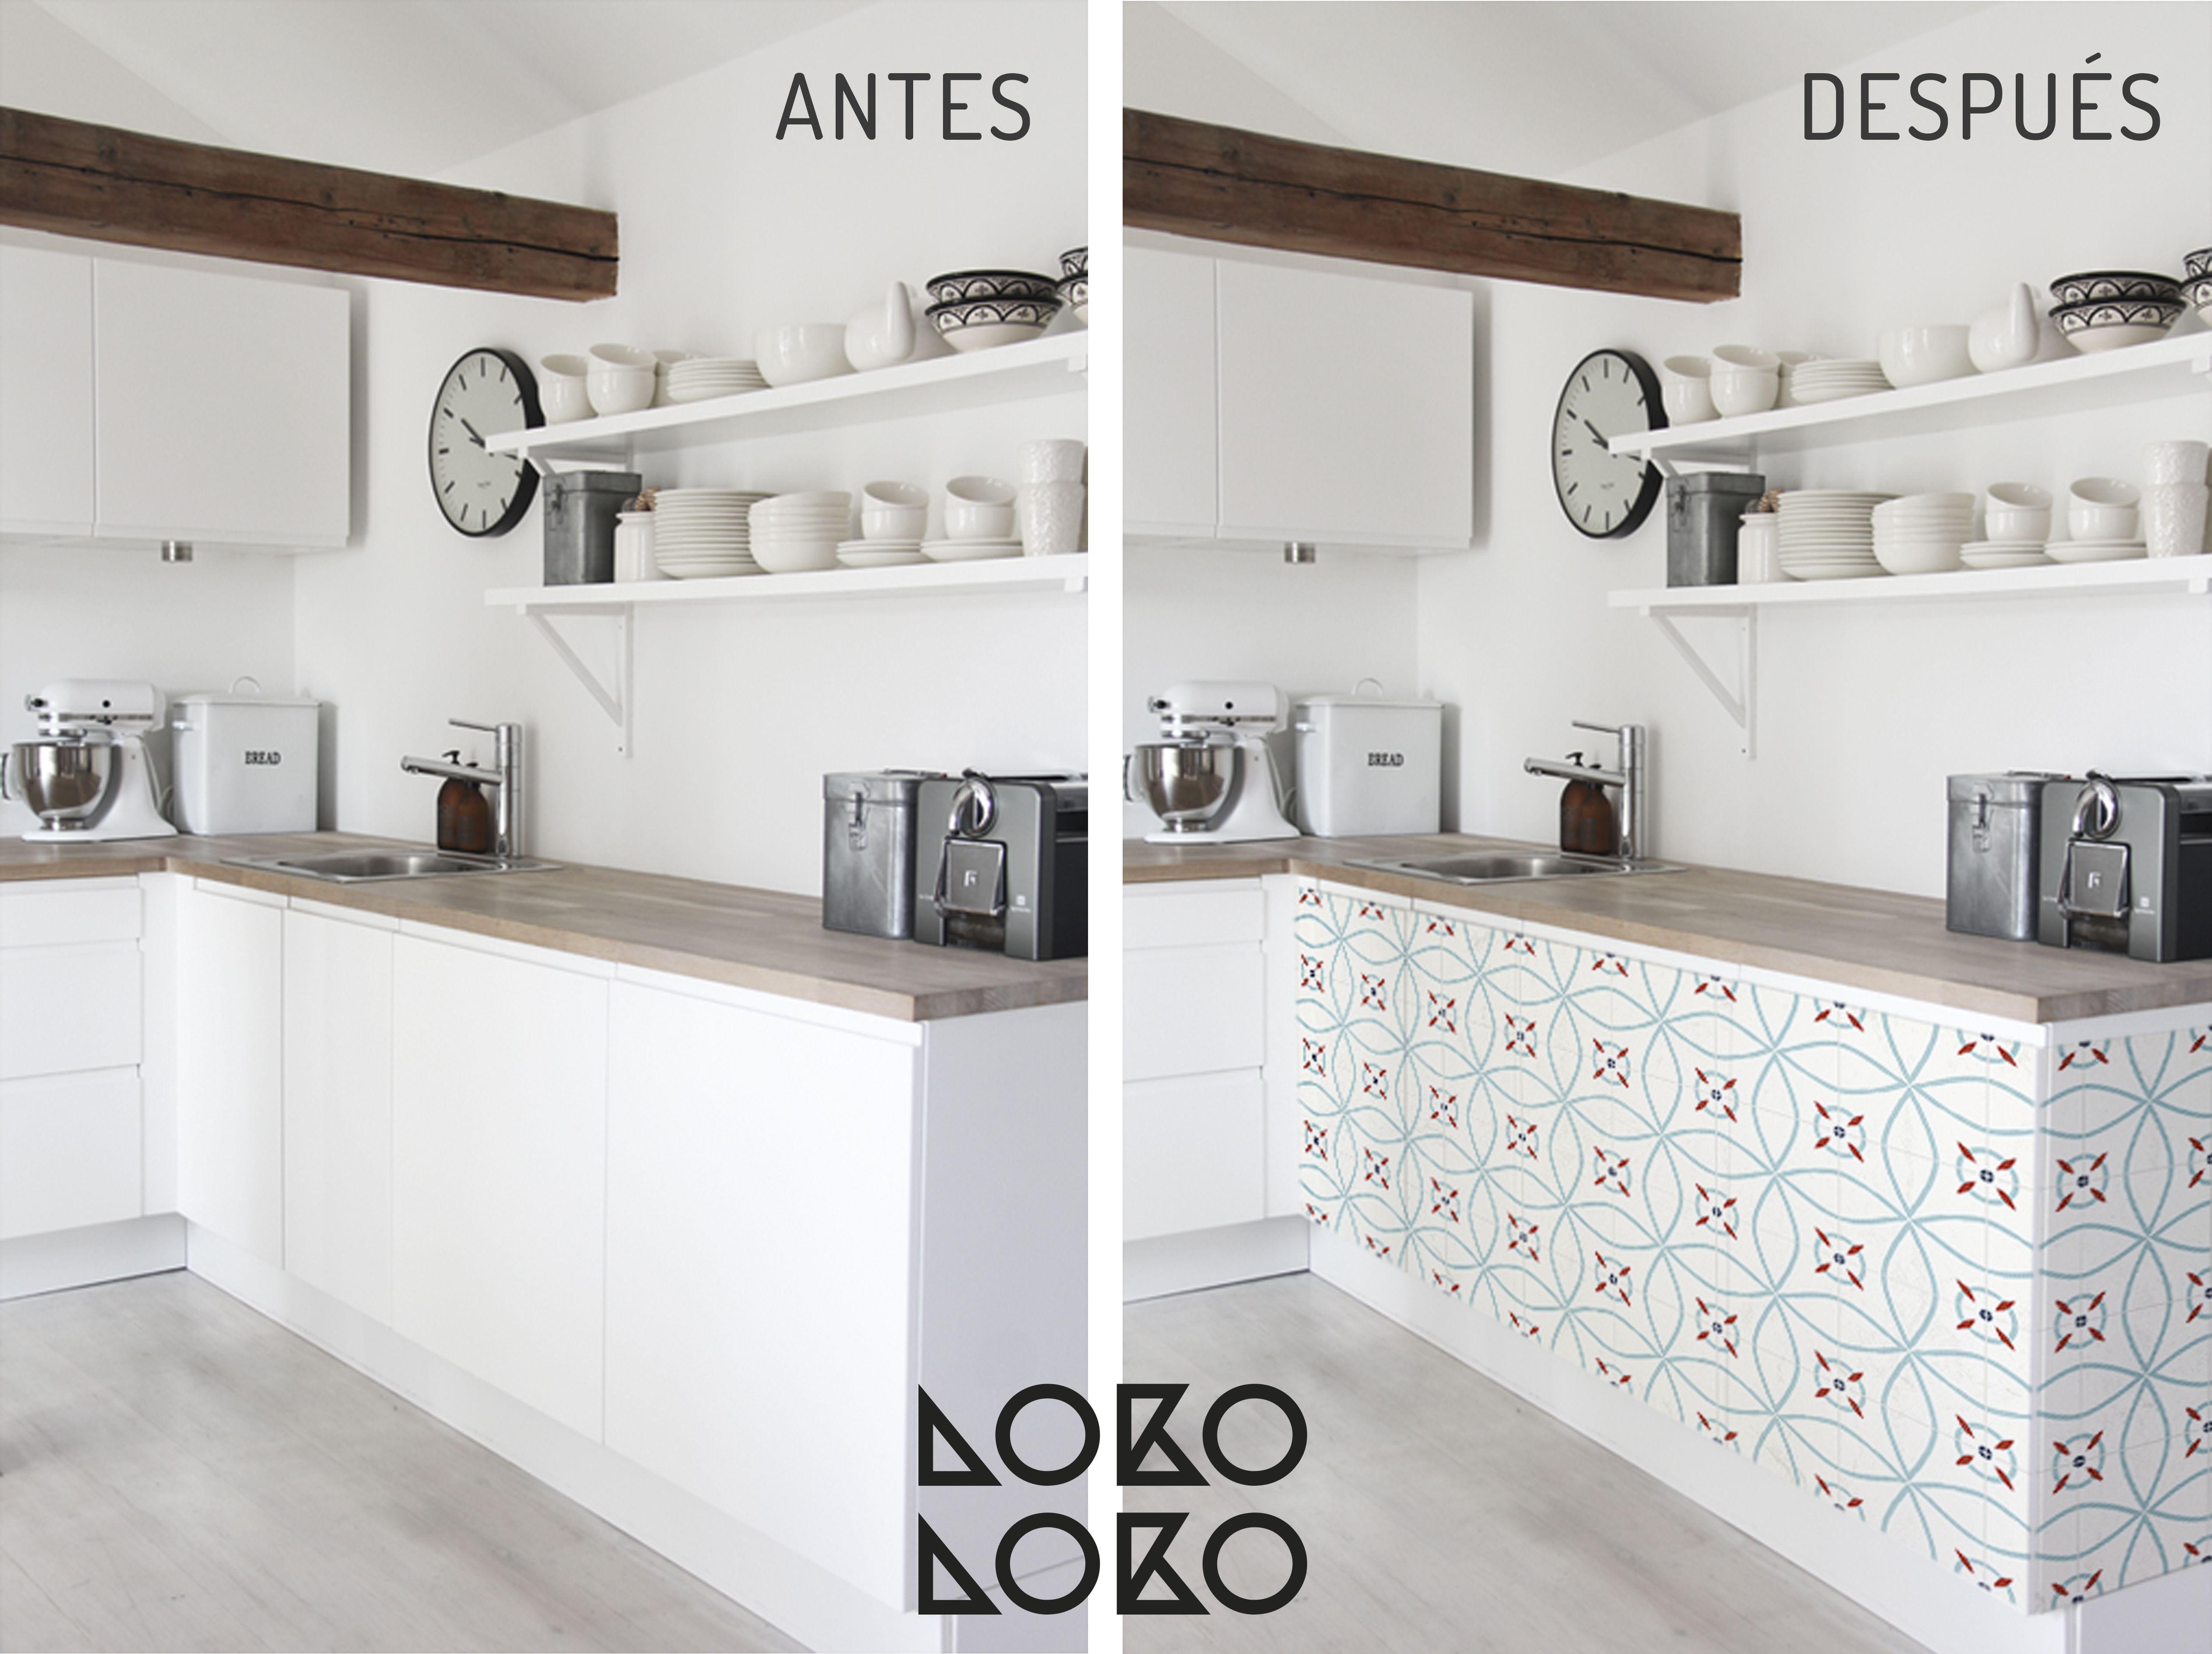 10 ideas con vinilo para transformar cocinas blancas | Renovando con ...